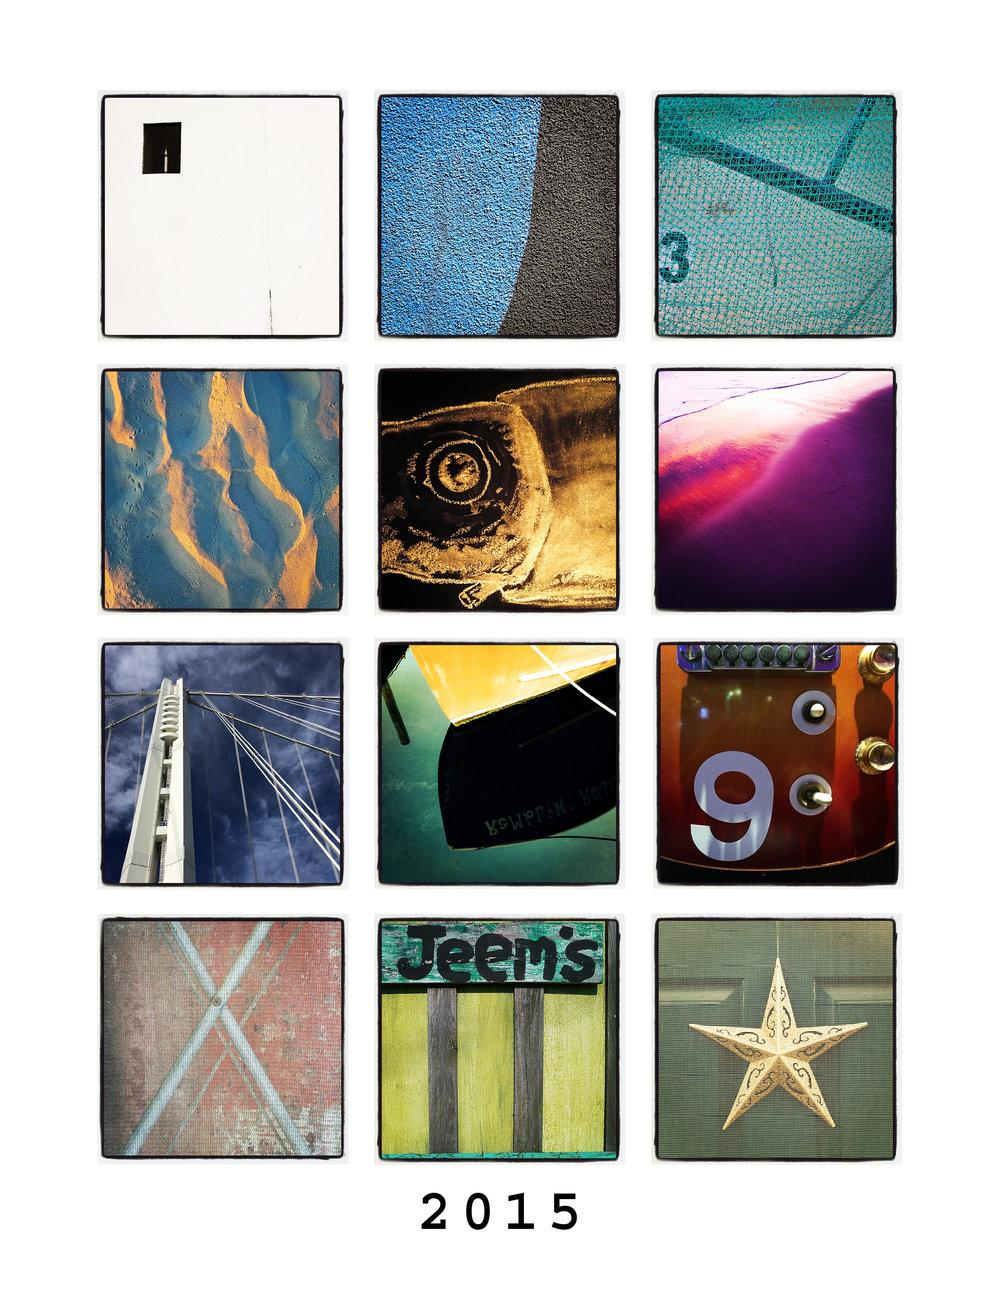 2015 Calendar.jpg